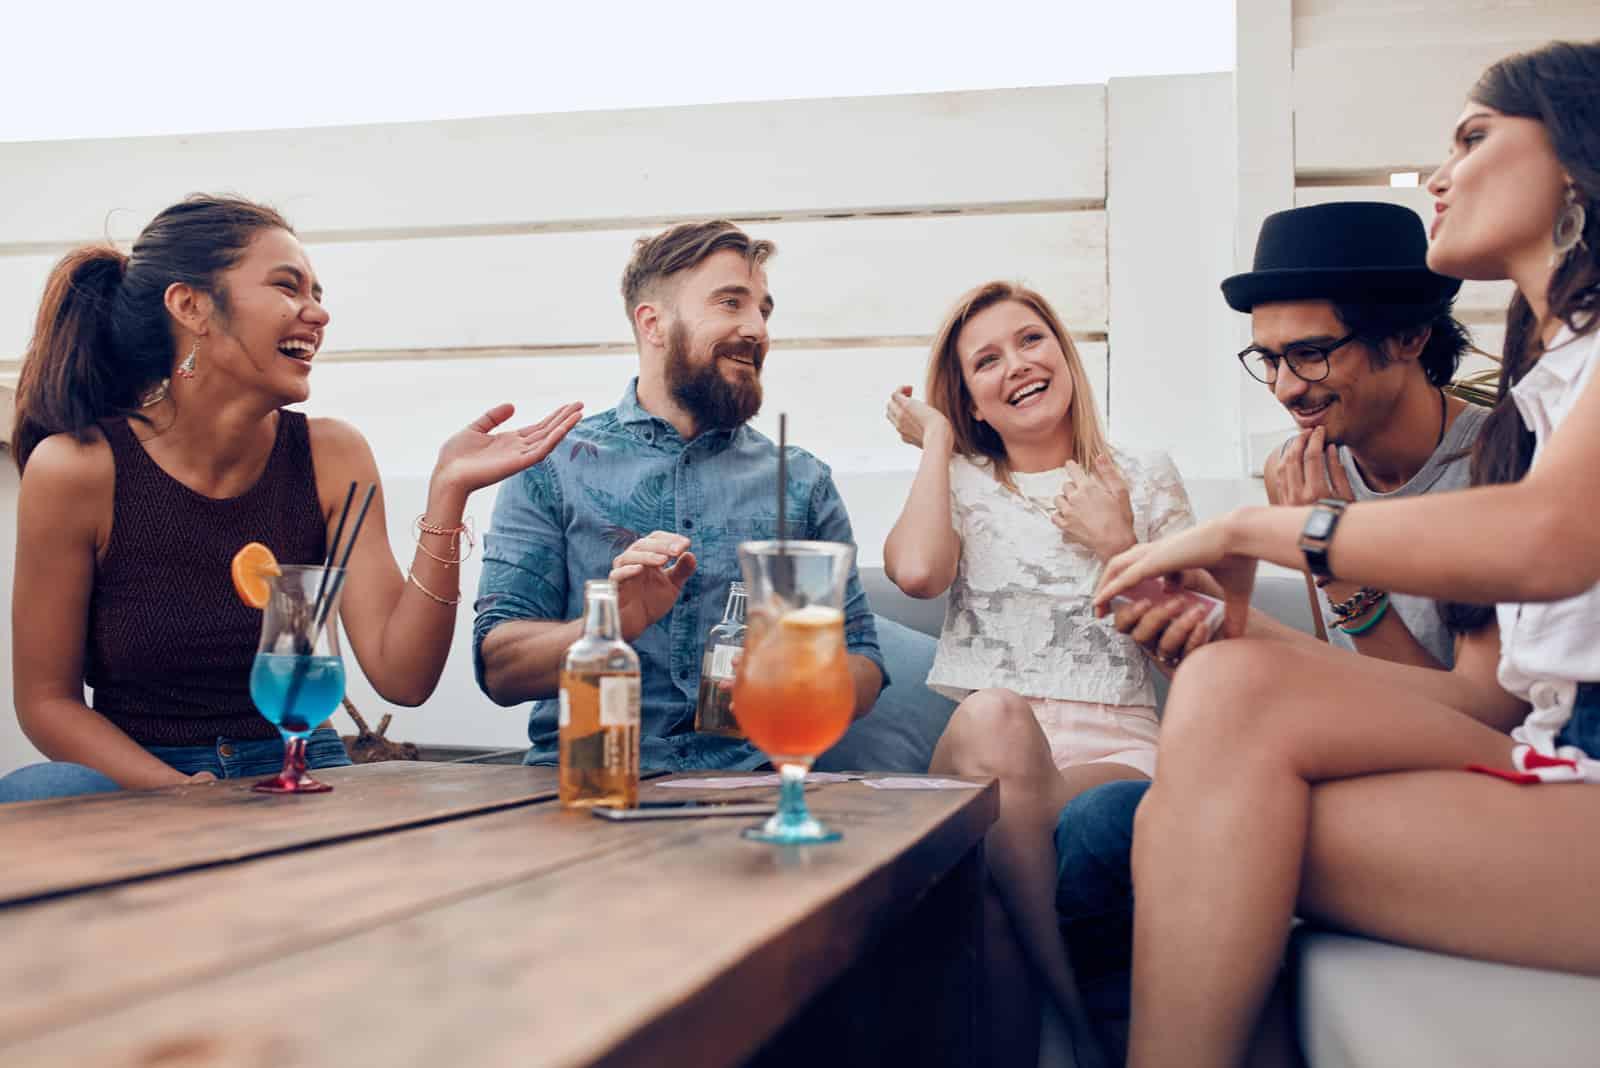 un groupe d'amis rient alors qu'ils sont assis en plein air et parlent